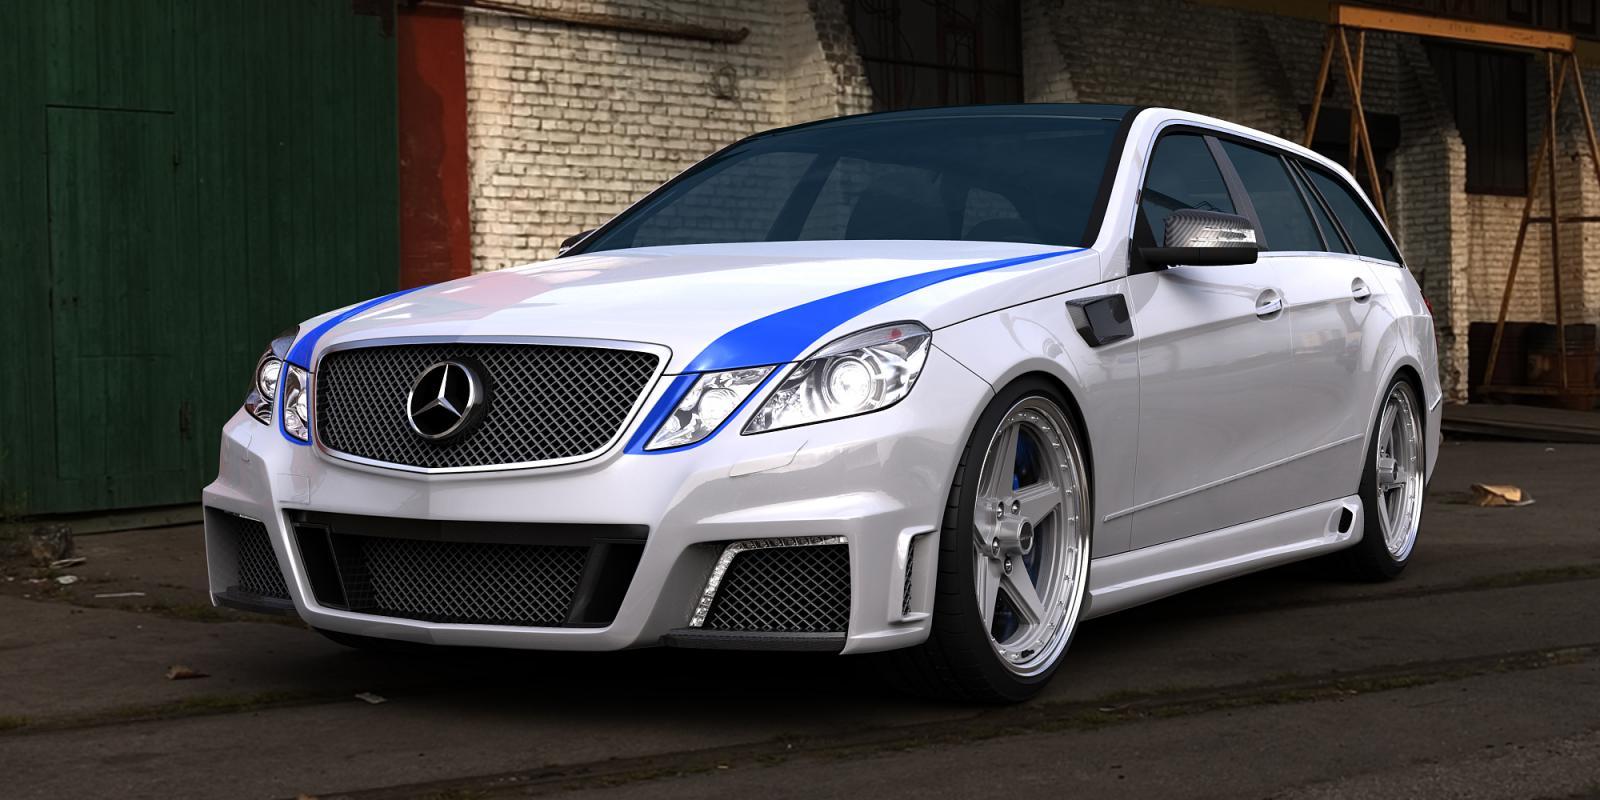 Ни дня без тюнинга Mercedes-Benz E63 AMG от GWA-Tuning (ФОТО) .